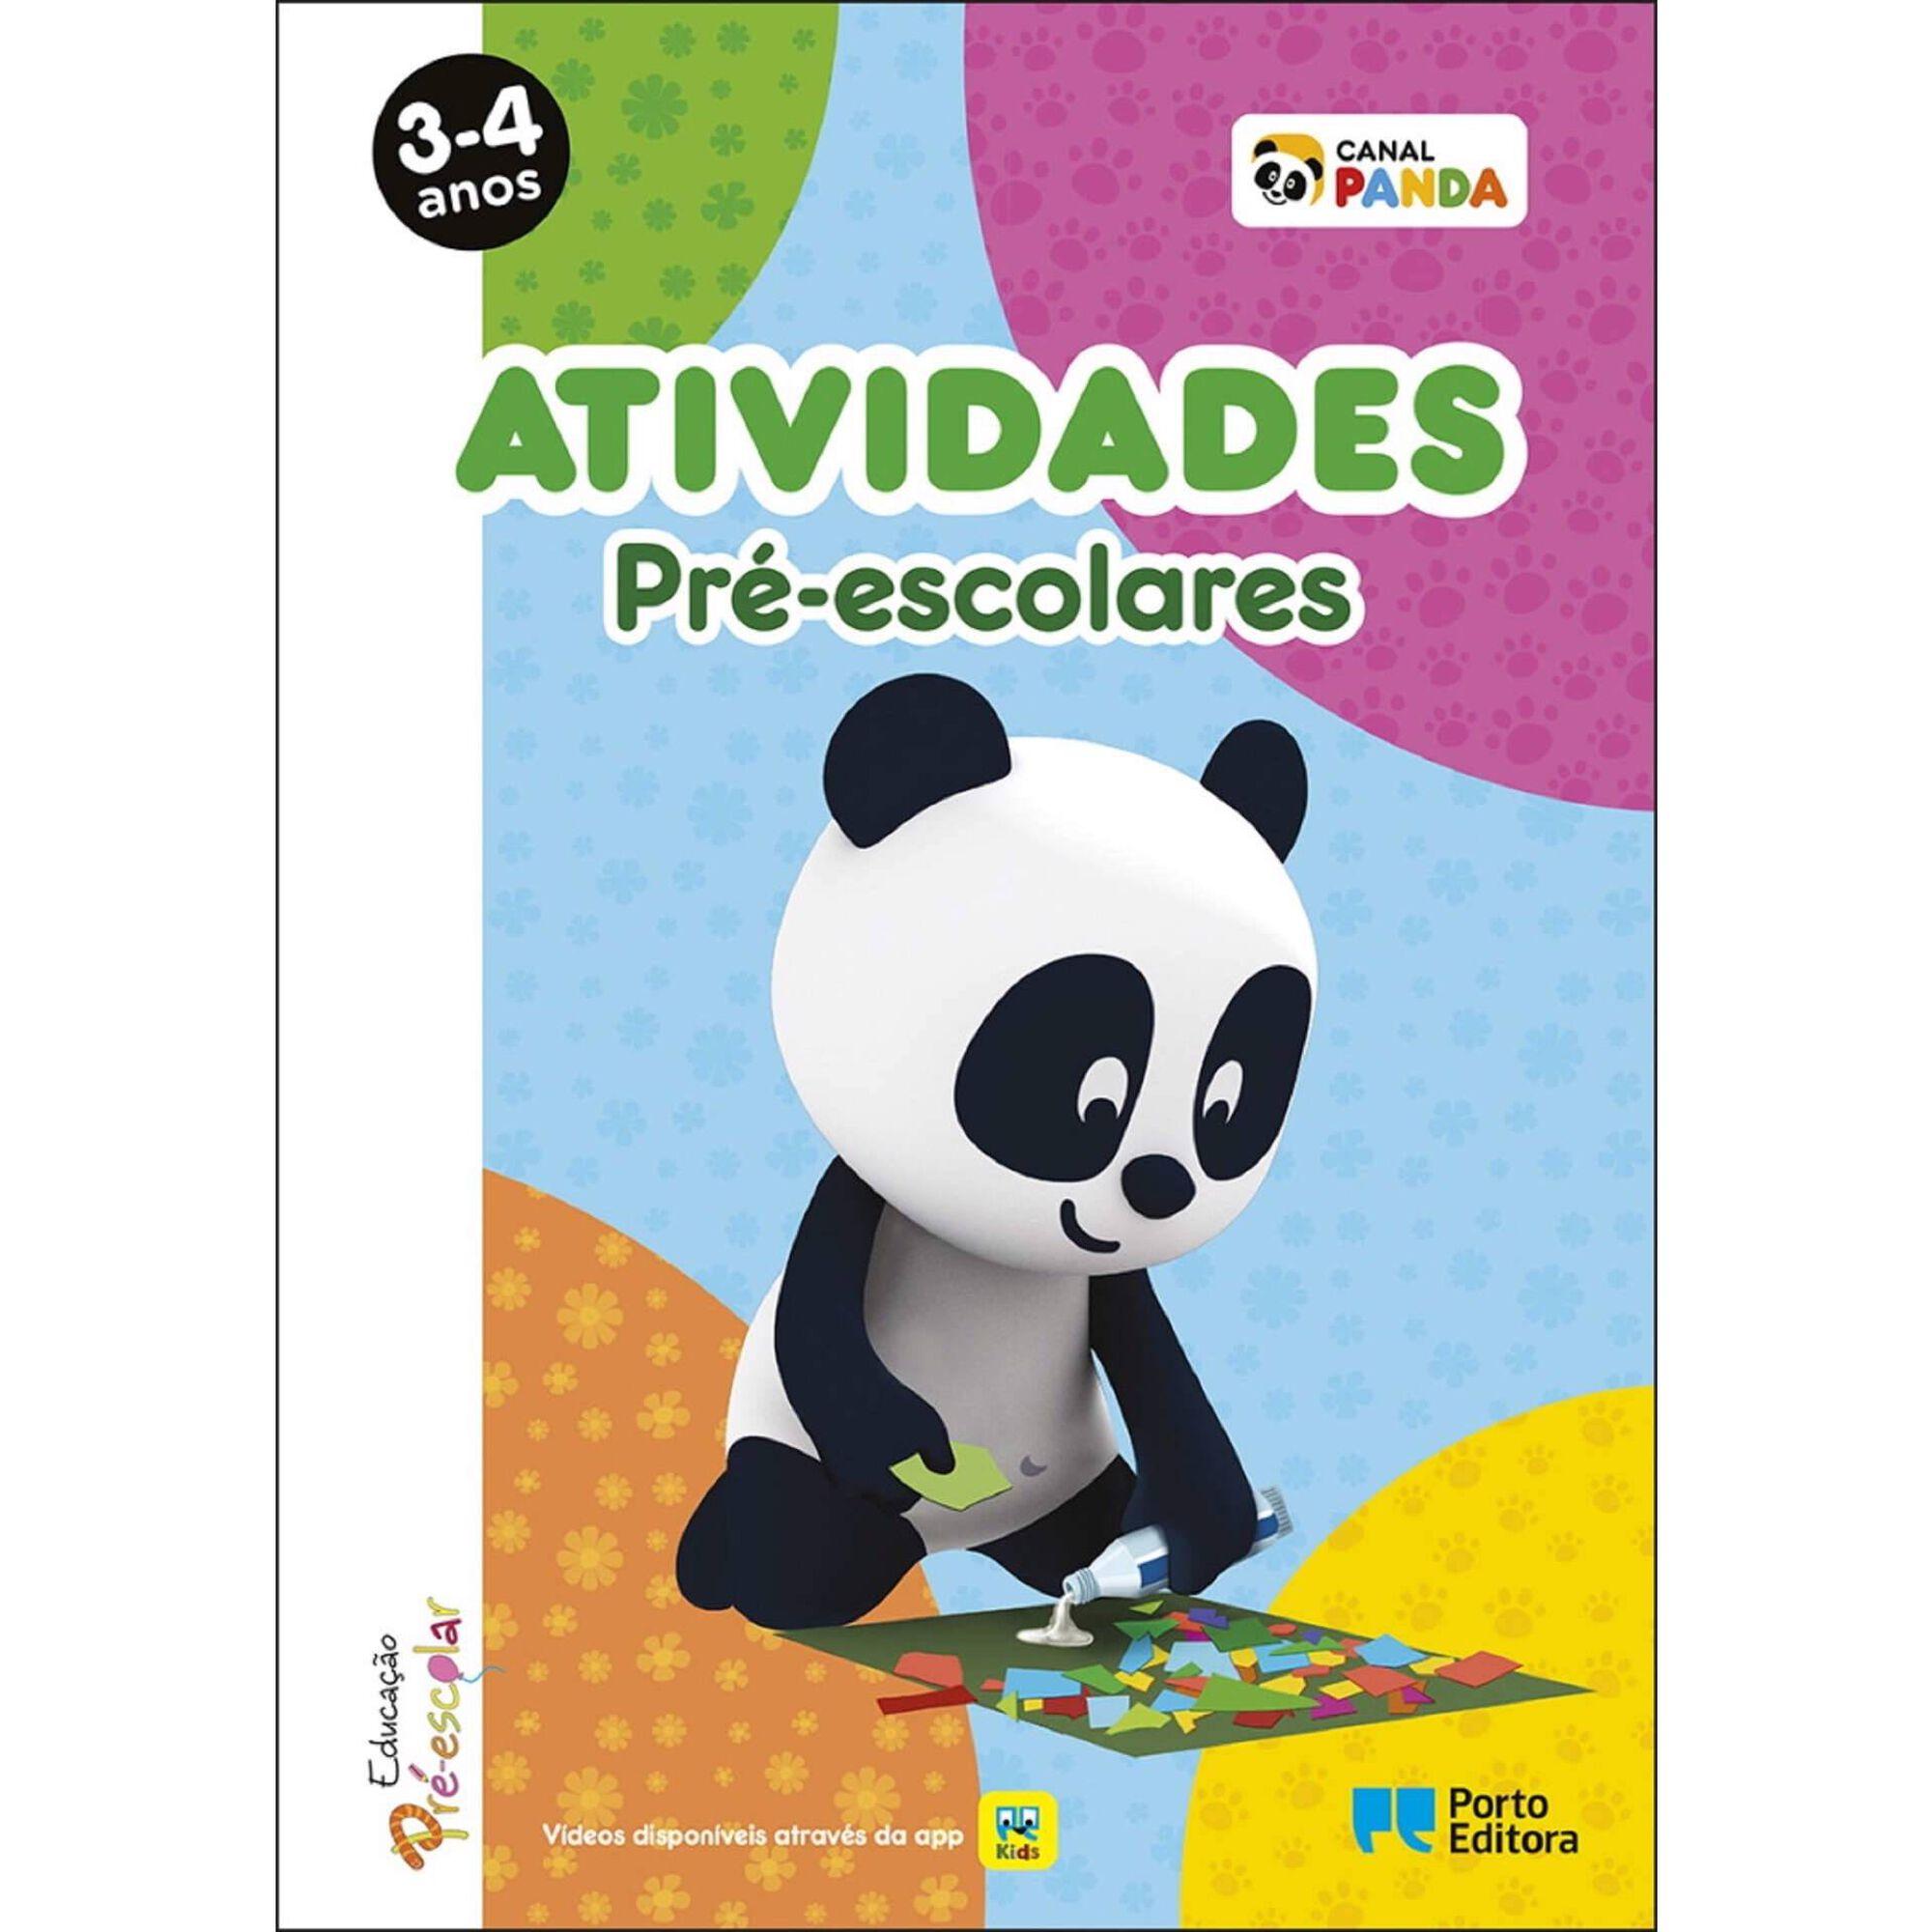 Atividades Pré-escolares Panda - 3-4 Anos